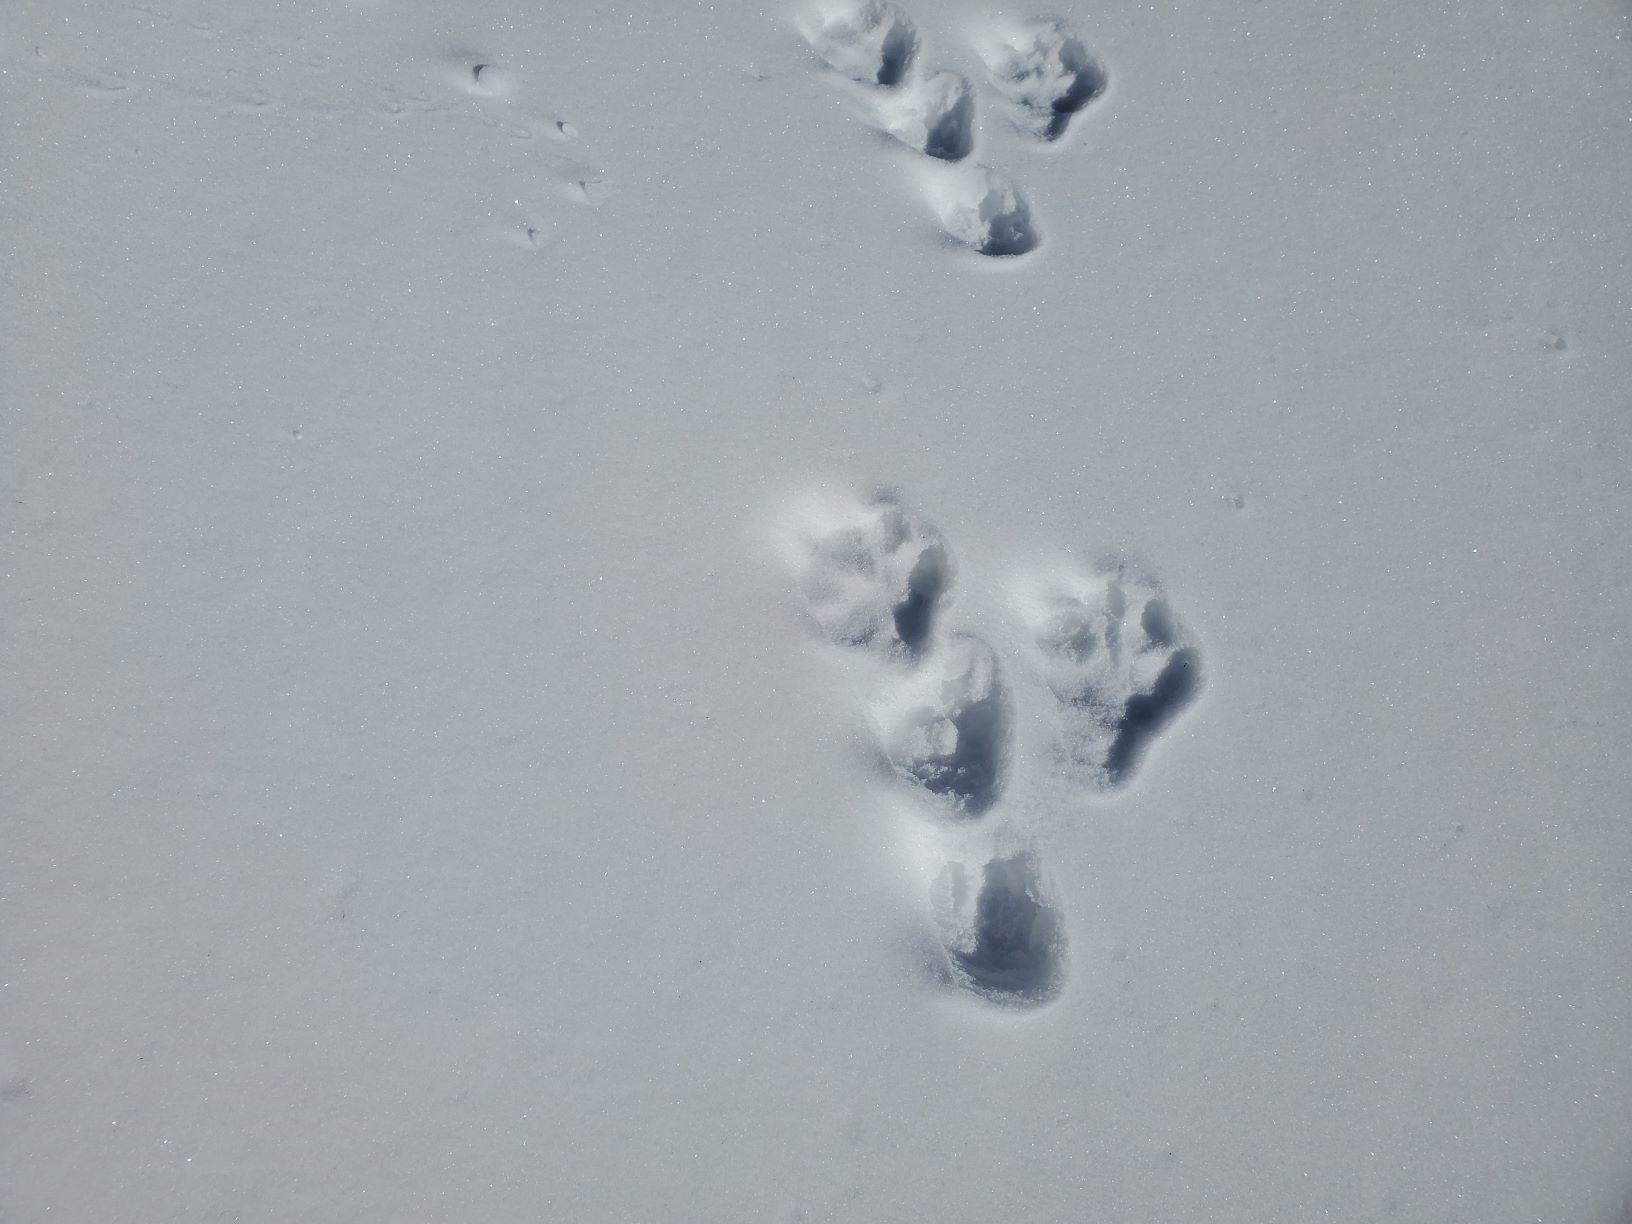 ウサギの足跡_b0304722_21375461.jpg